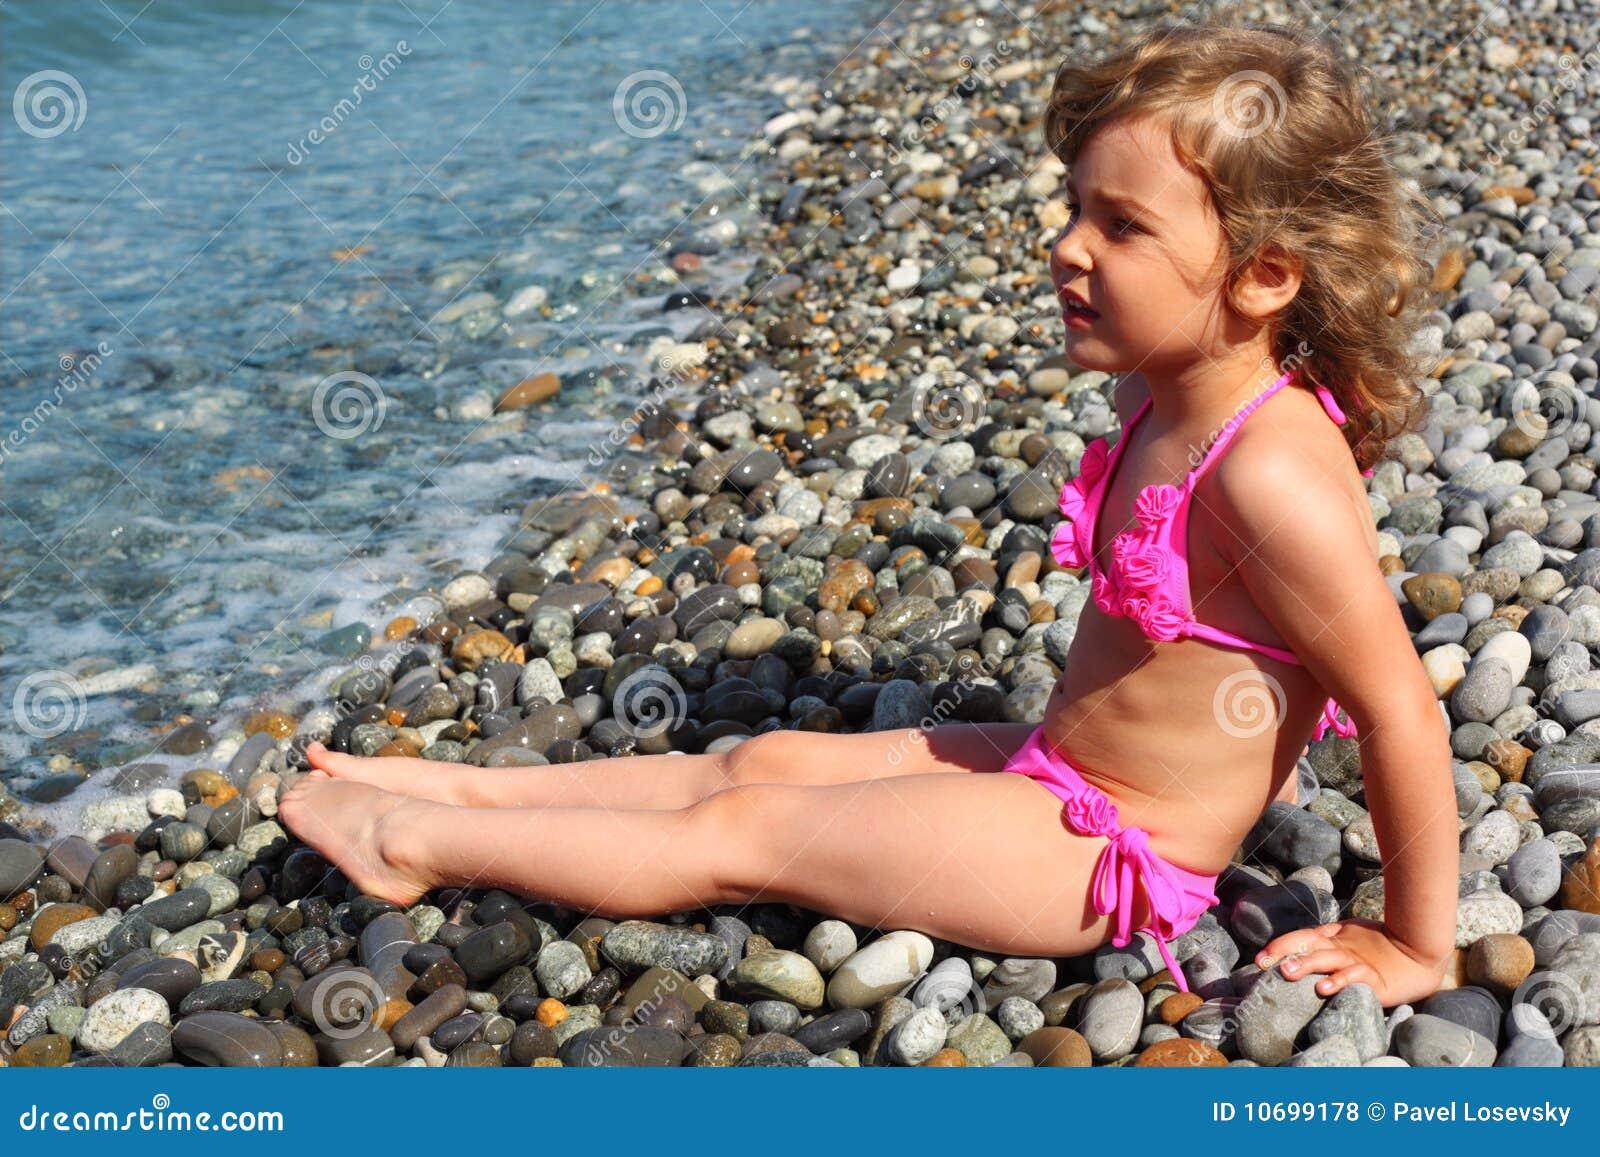 Фото маленька девочка и ее пися, Девочка созрела? Самые скандальные фотосессии юных 31 фотография